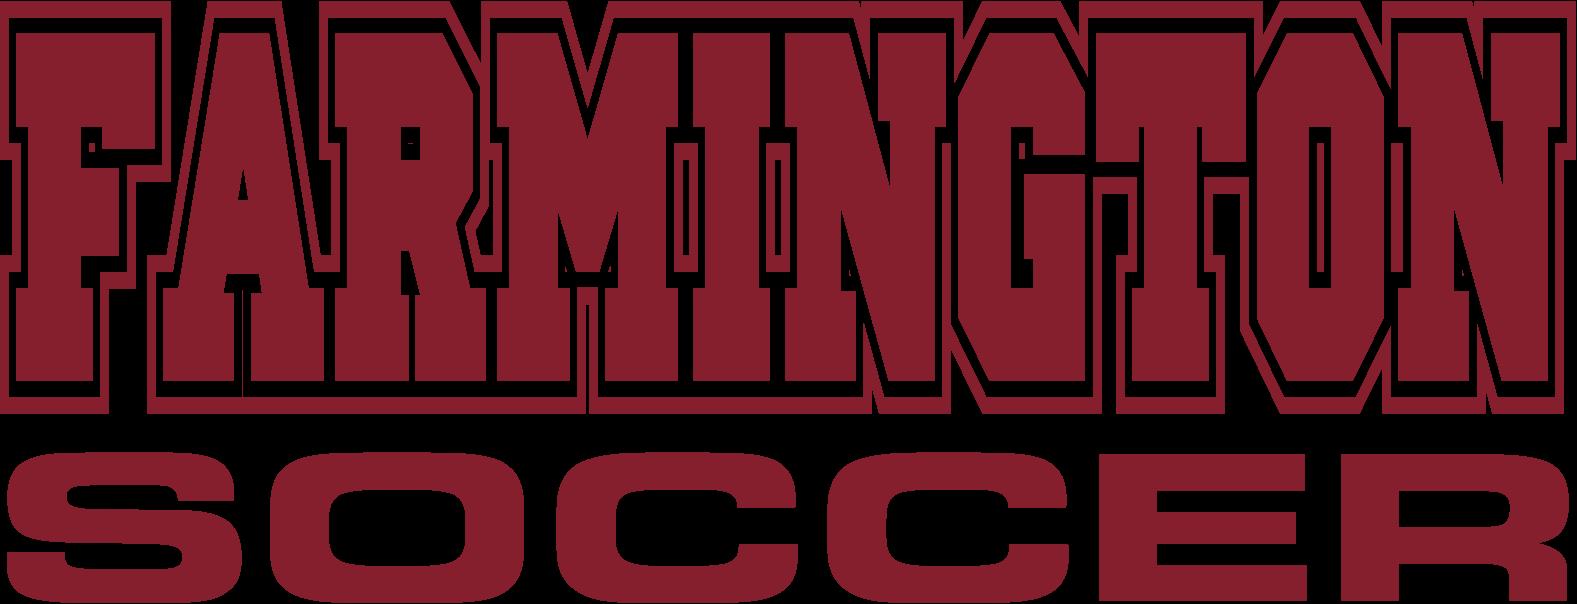 fhs-soccer-ff-2020.2.png